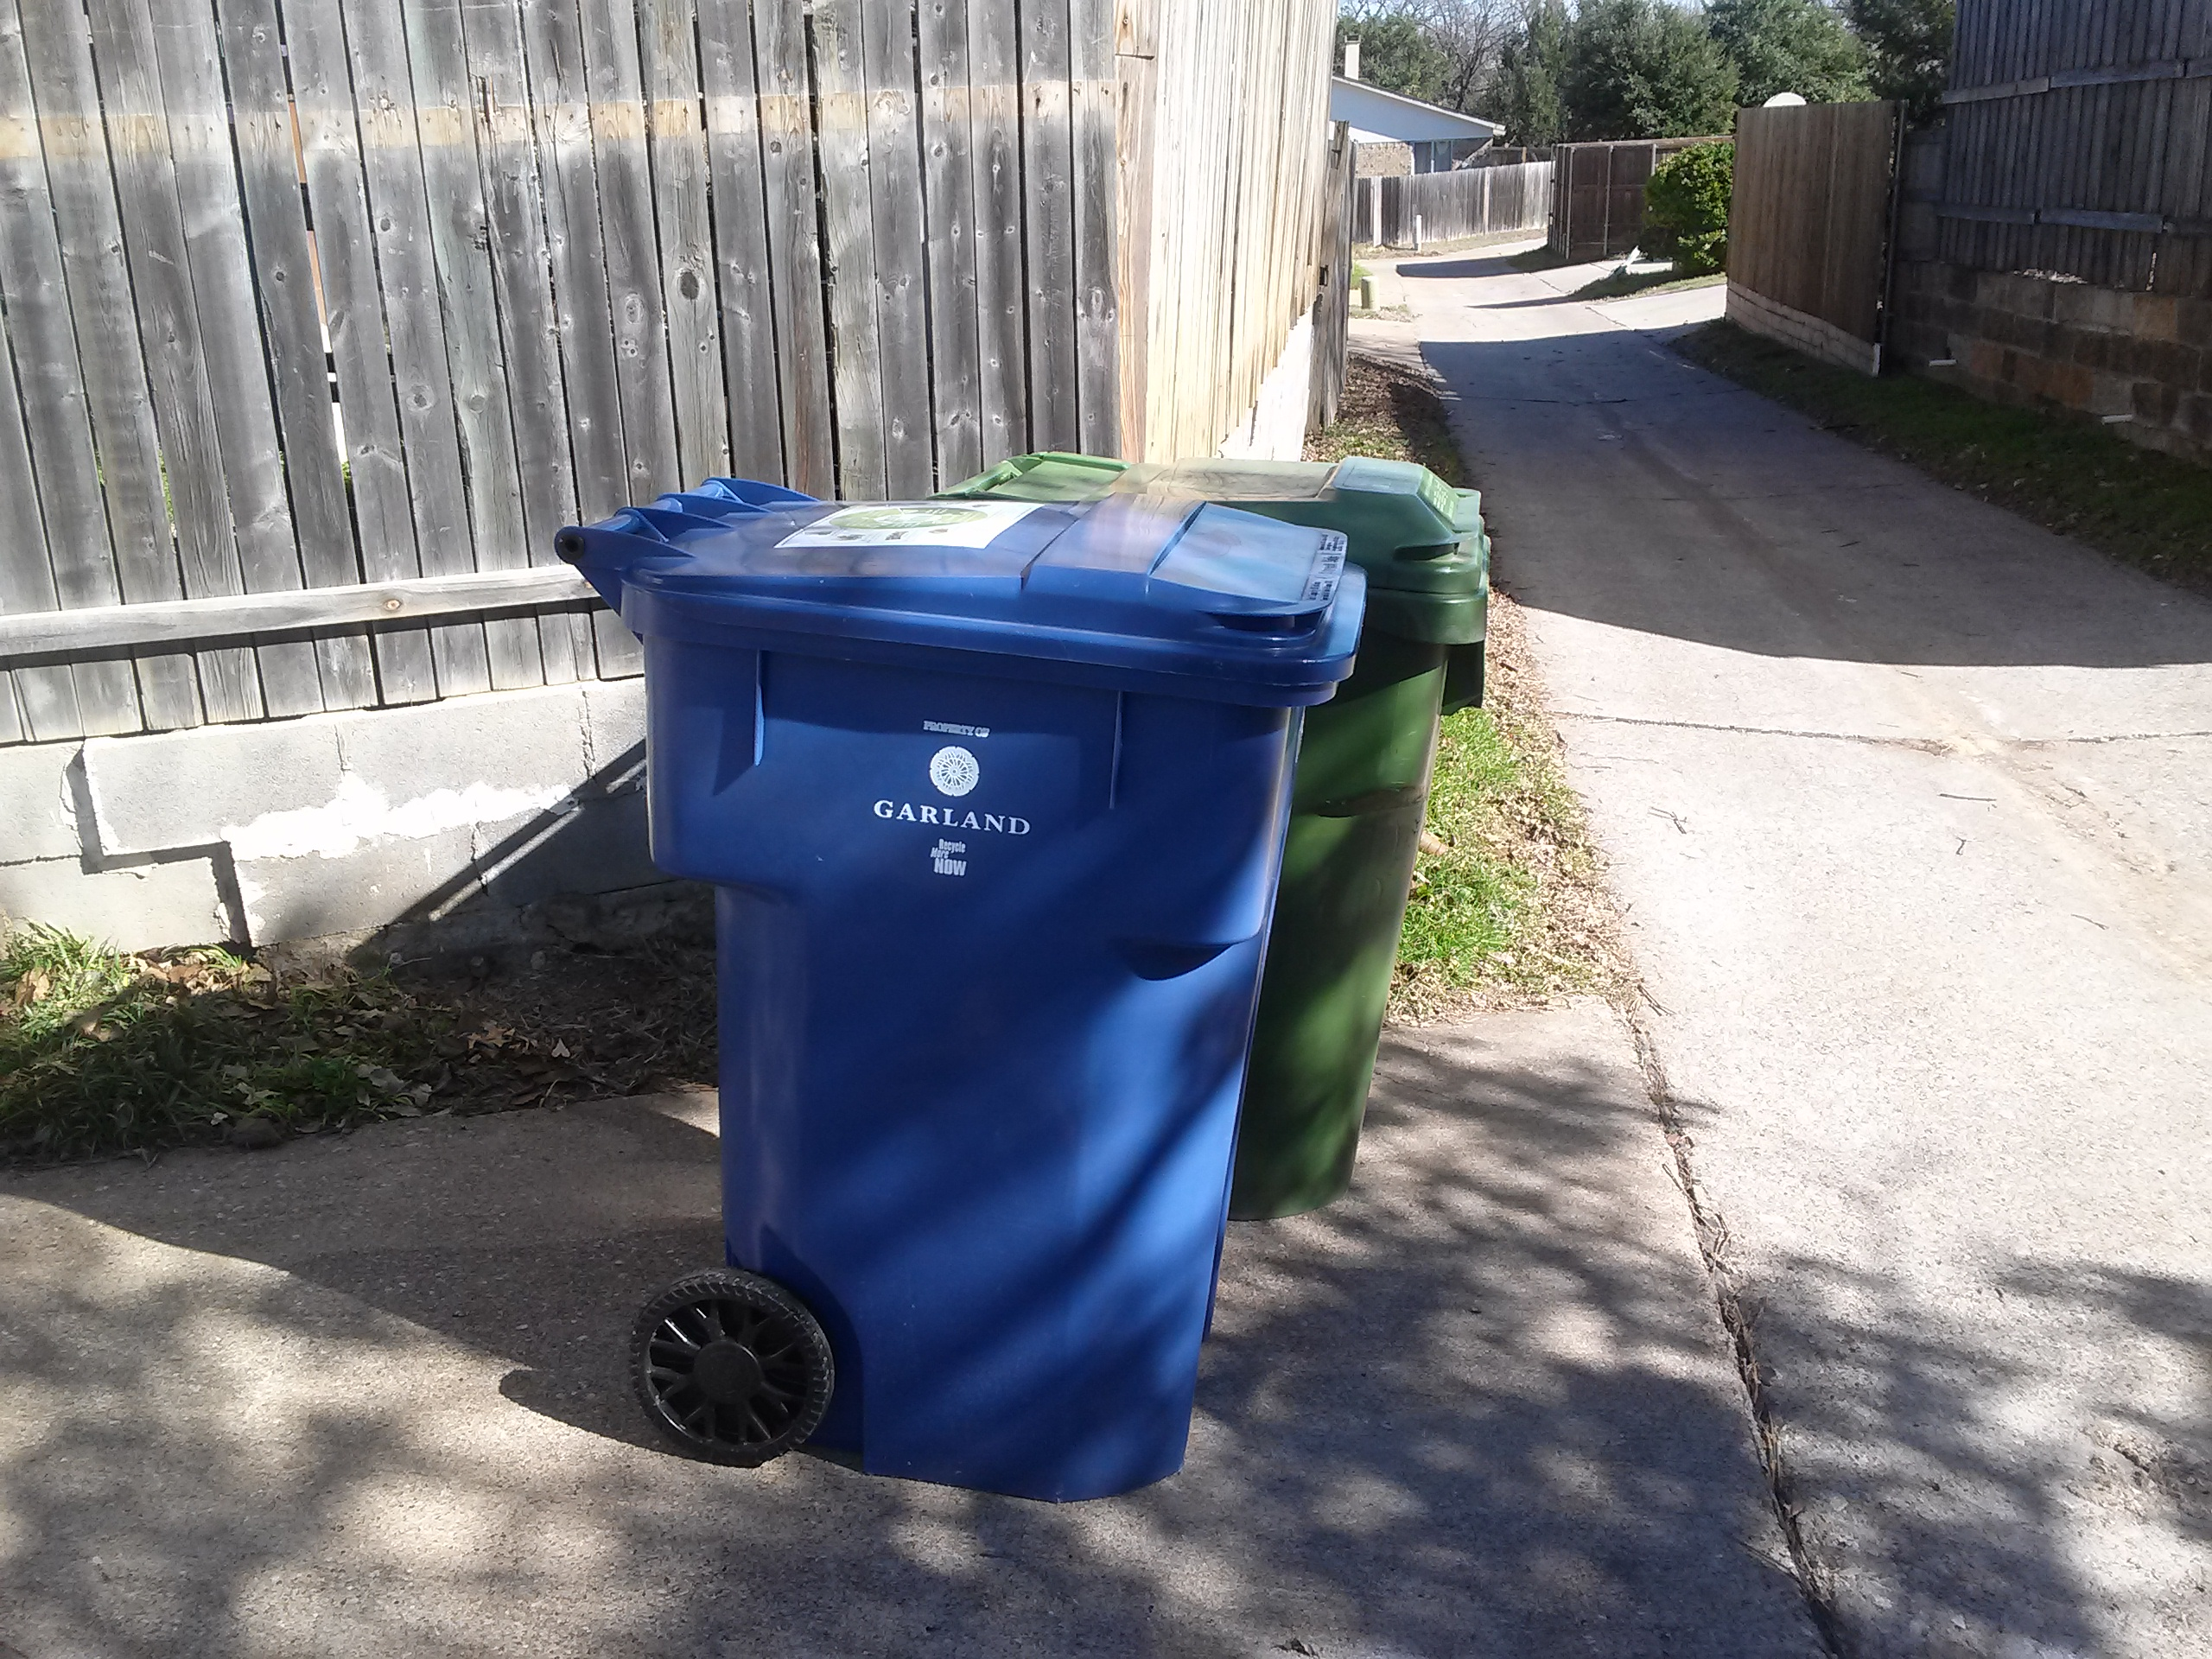 File contenedores de basura y reciclaje garland wikimedia commons - Contenedores de basura para reciclaje ...